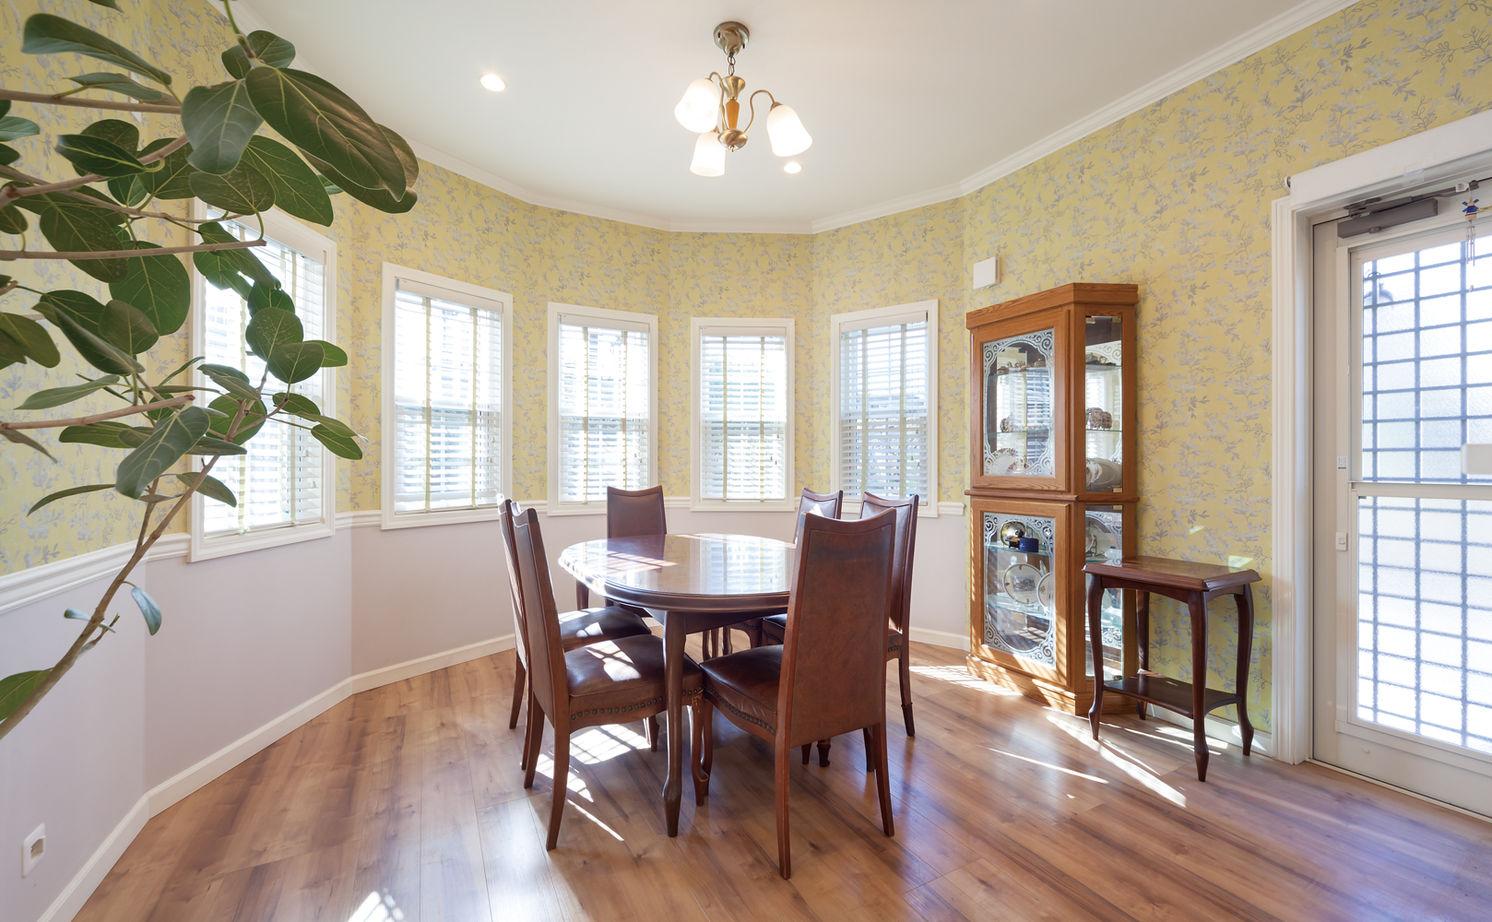 【1000万円台・間取り図公開】アメリカ住宅の軽やかなデザインを再現。リビング階段とパノラマ窓のある家画像3